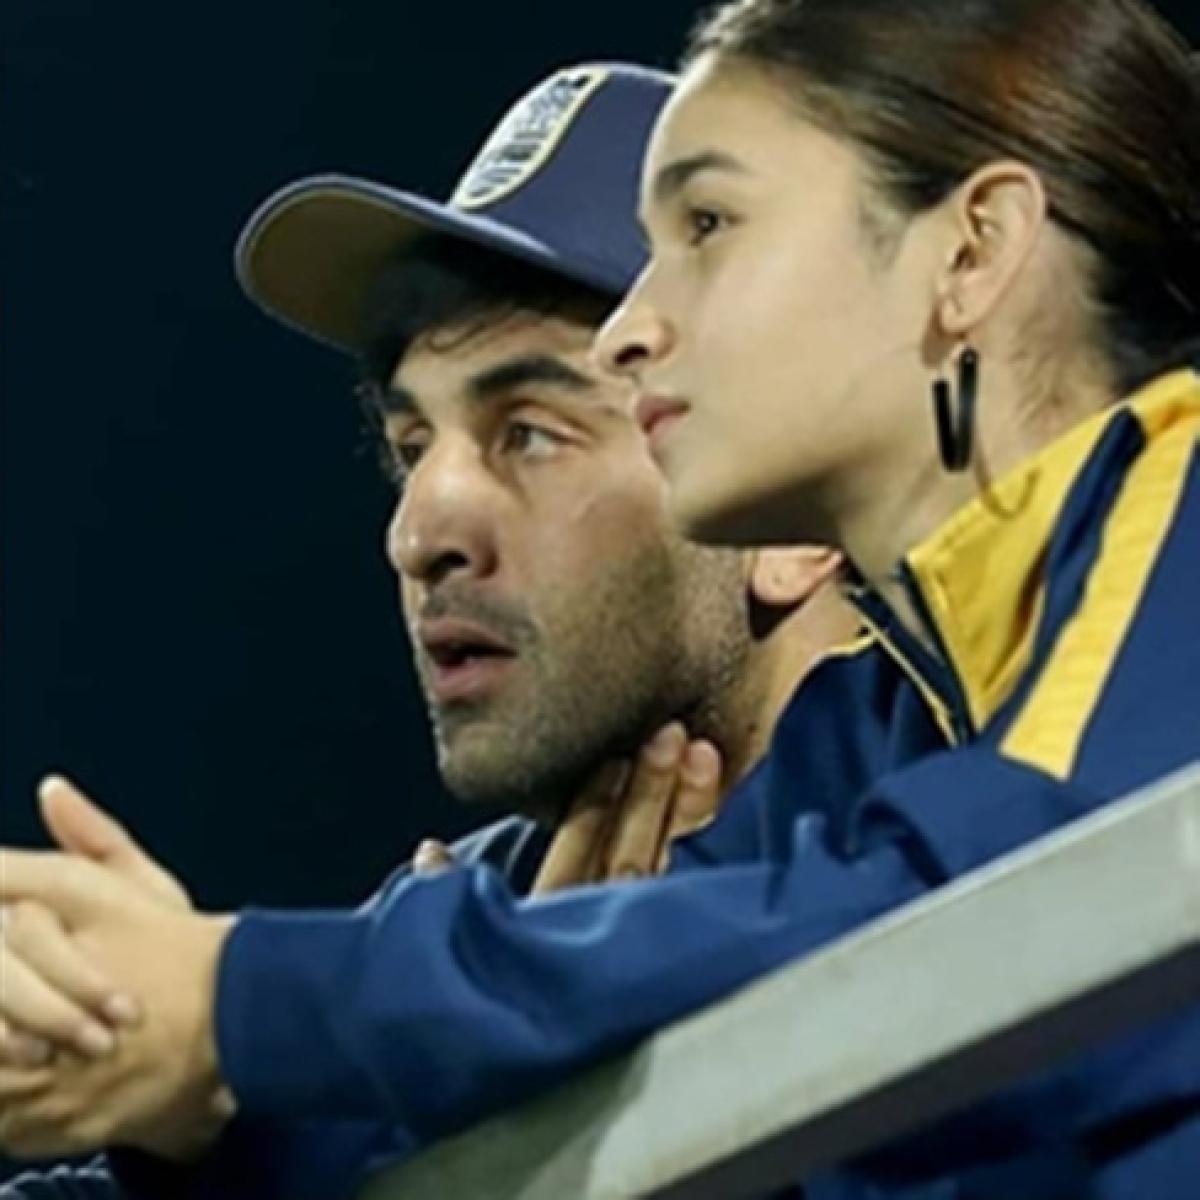 Doting girlfriend Alia Bhatt joins beau Ranbir Kapoor to cheer for Mumbai City FC at ISL